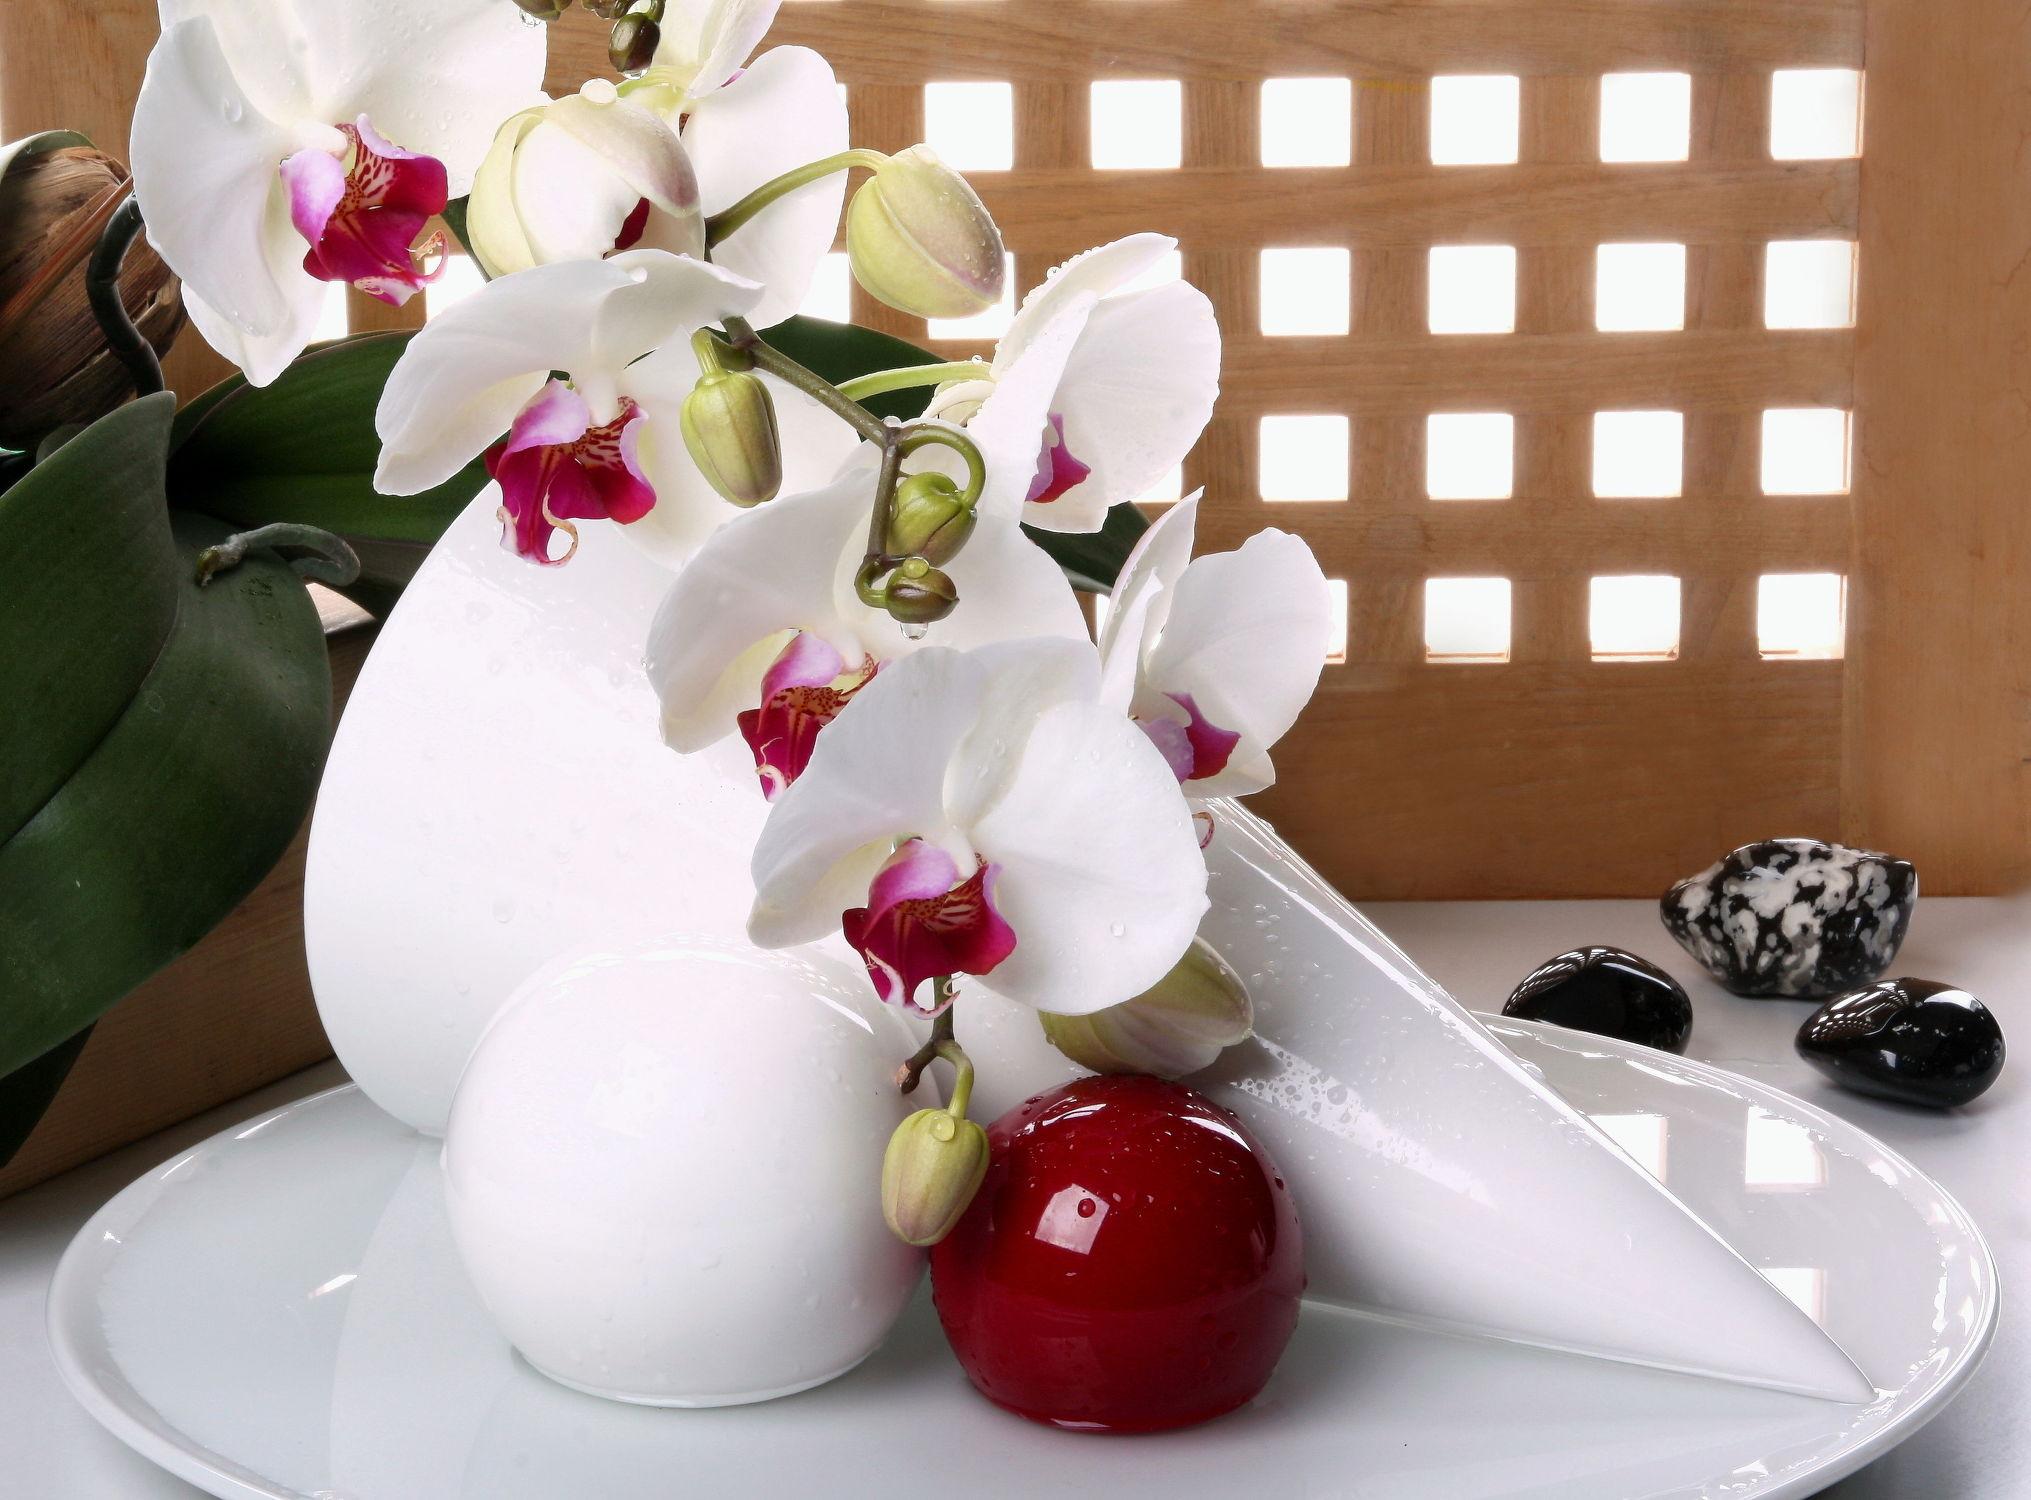 Bild mit Wasser, Blumen, Stein, Orchideen, Orchideen, Steine, Blume, Wassertropfen, Floral, Blüten, Florales, blüte, Kugel, Kugeln